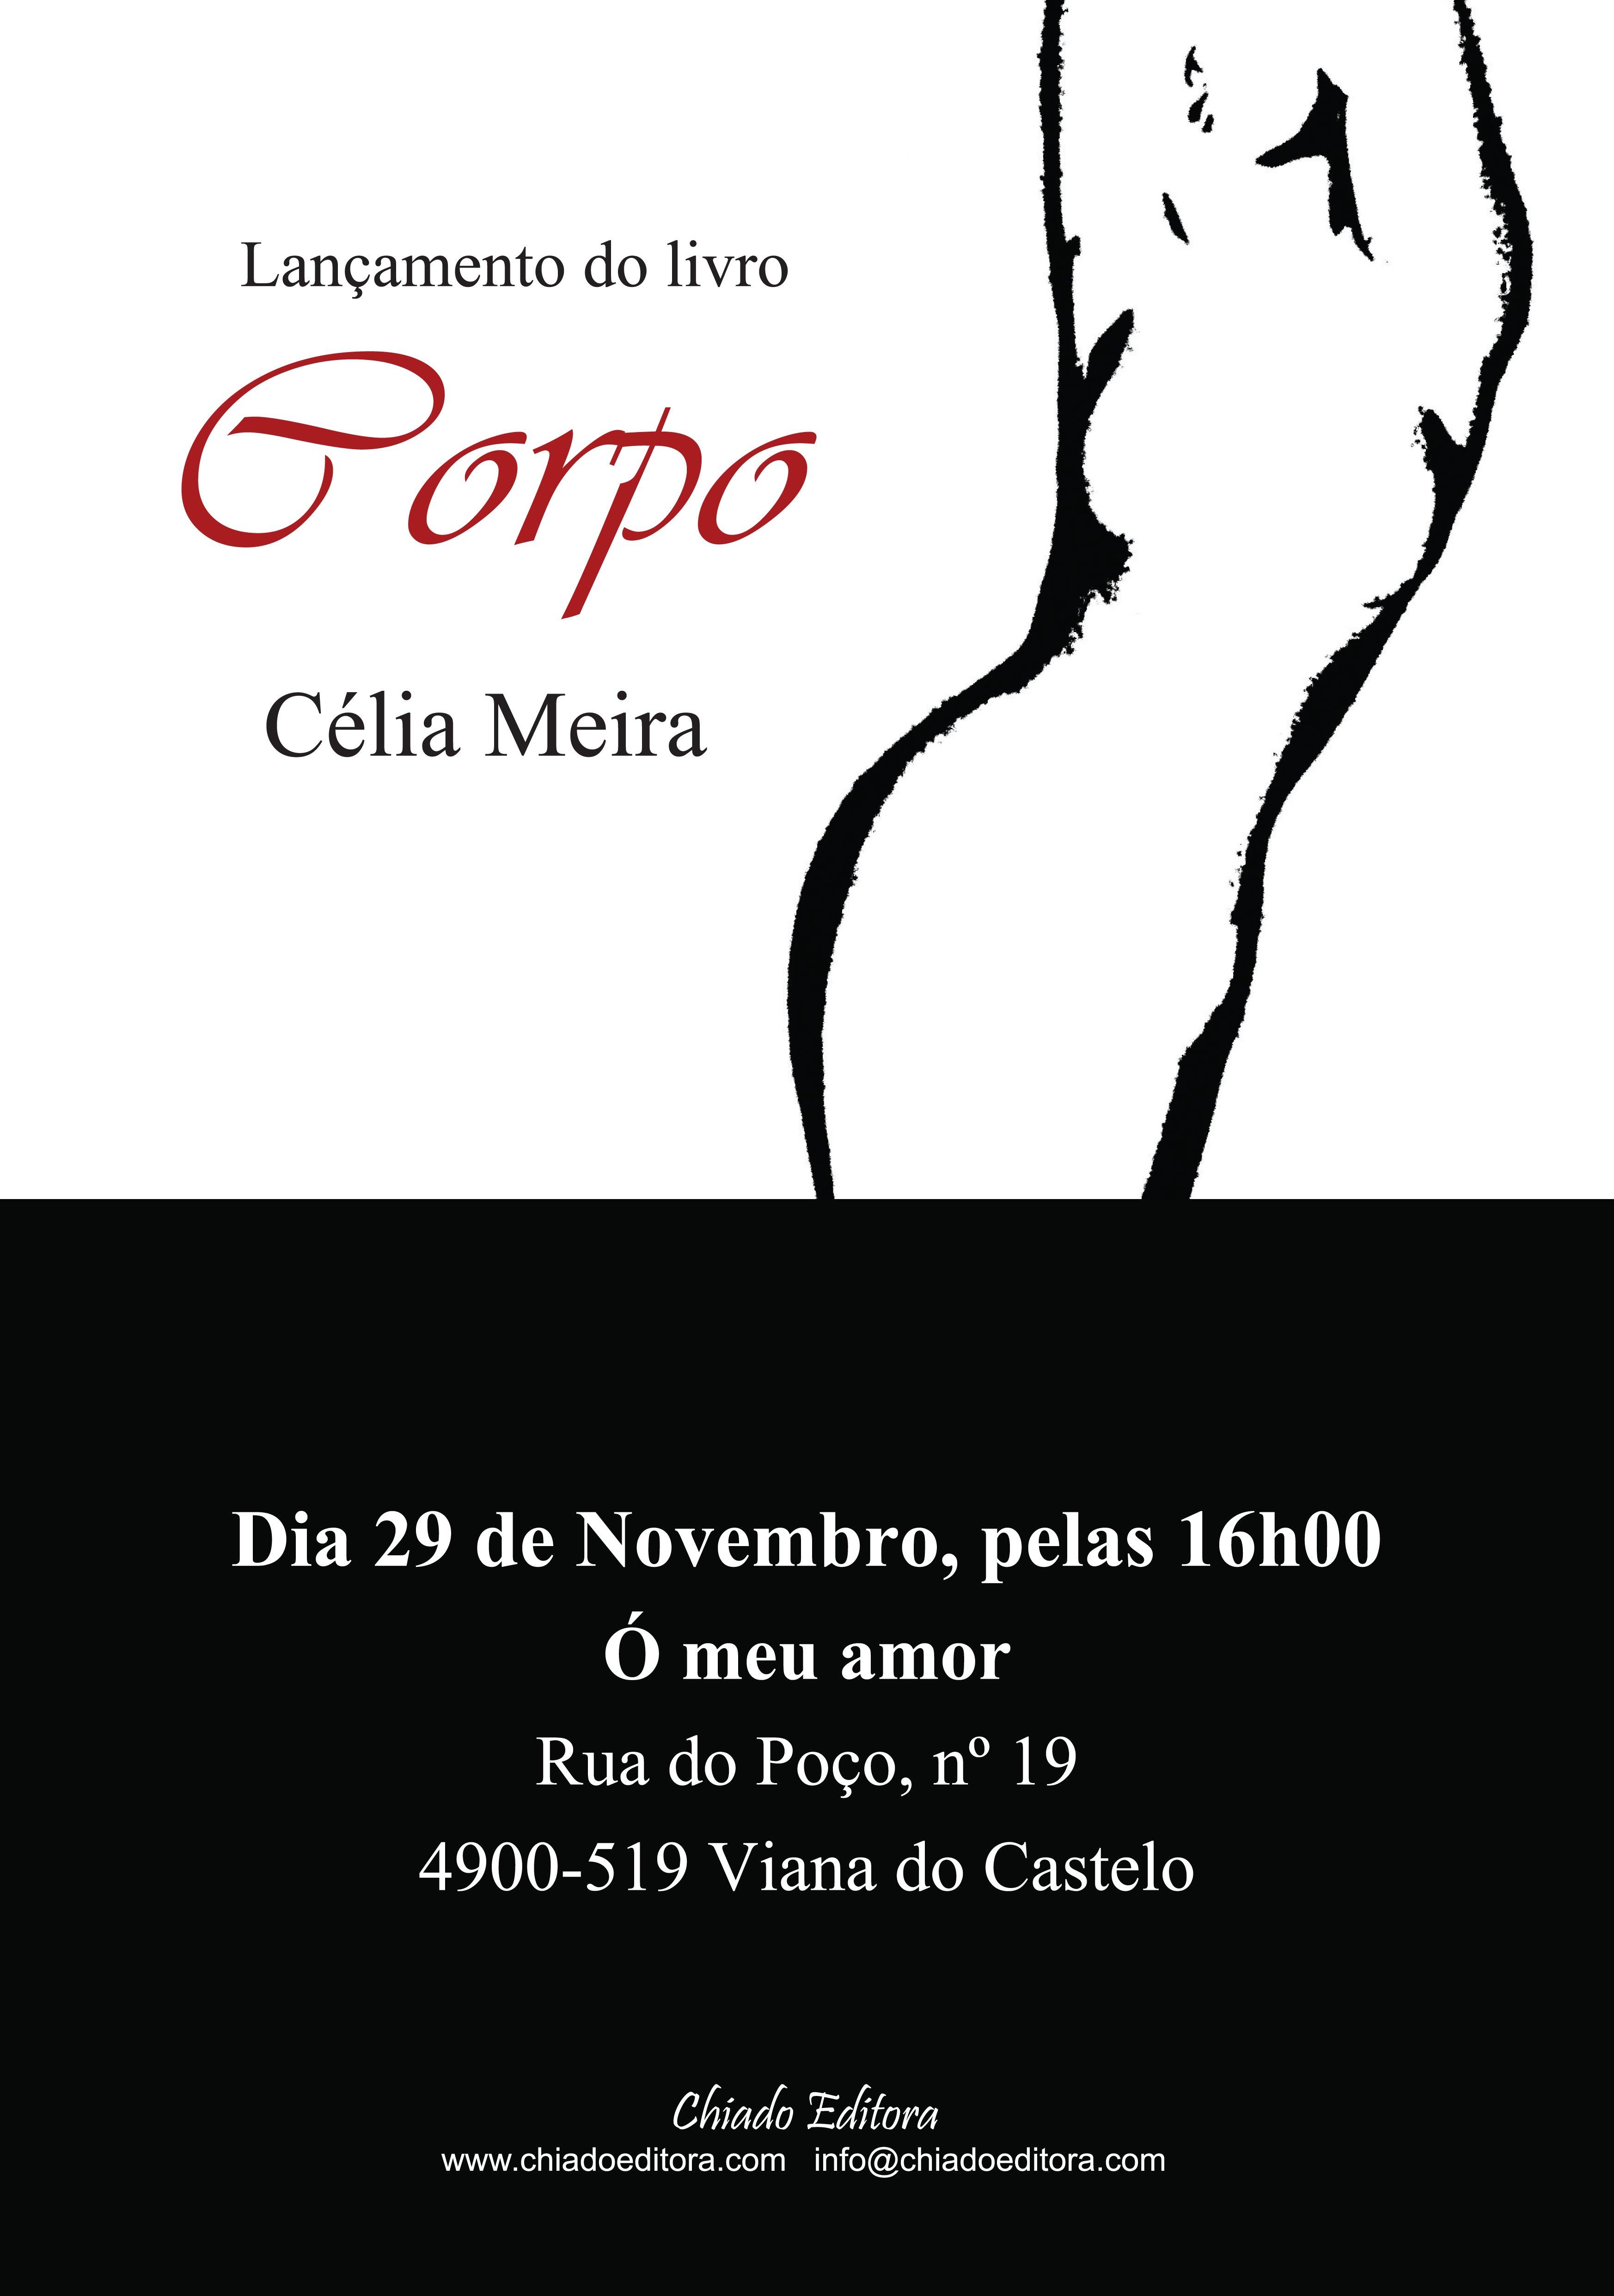 https://sites.google.com/a/centroculturaldoaltominho.org/ccam/actividades-realizadas/2014/Cartaz_corpo.jpg